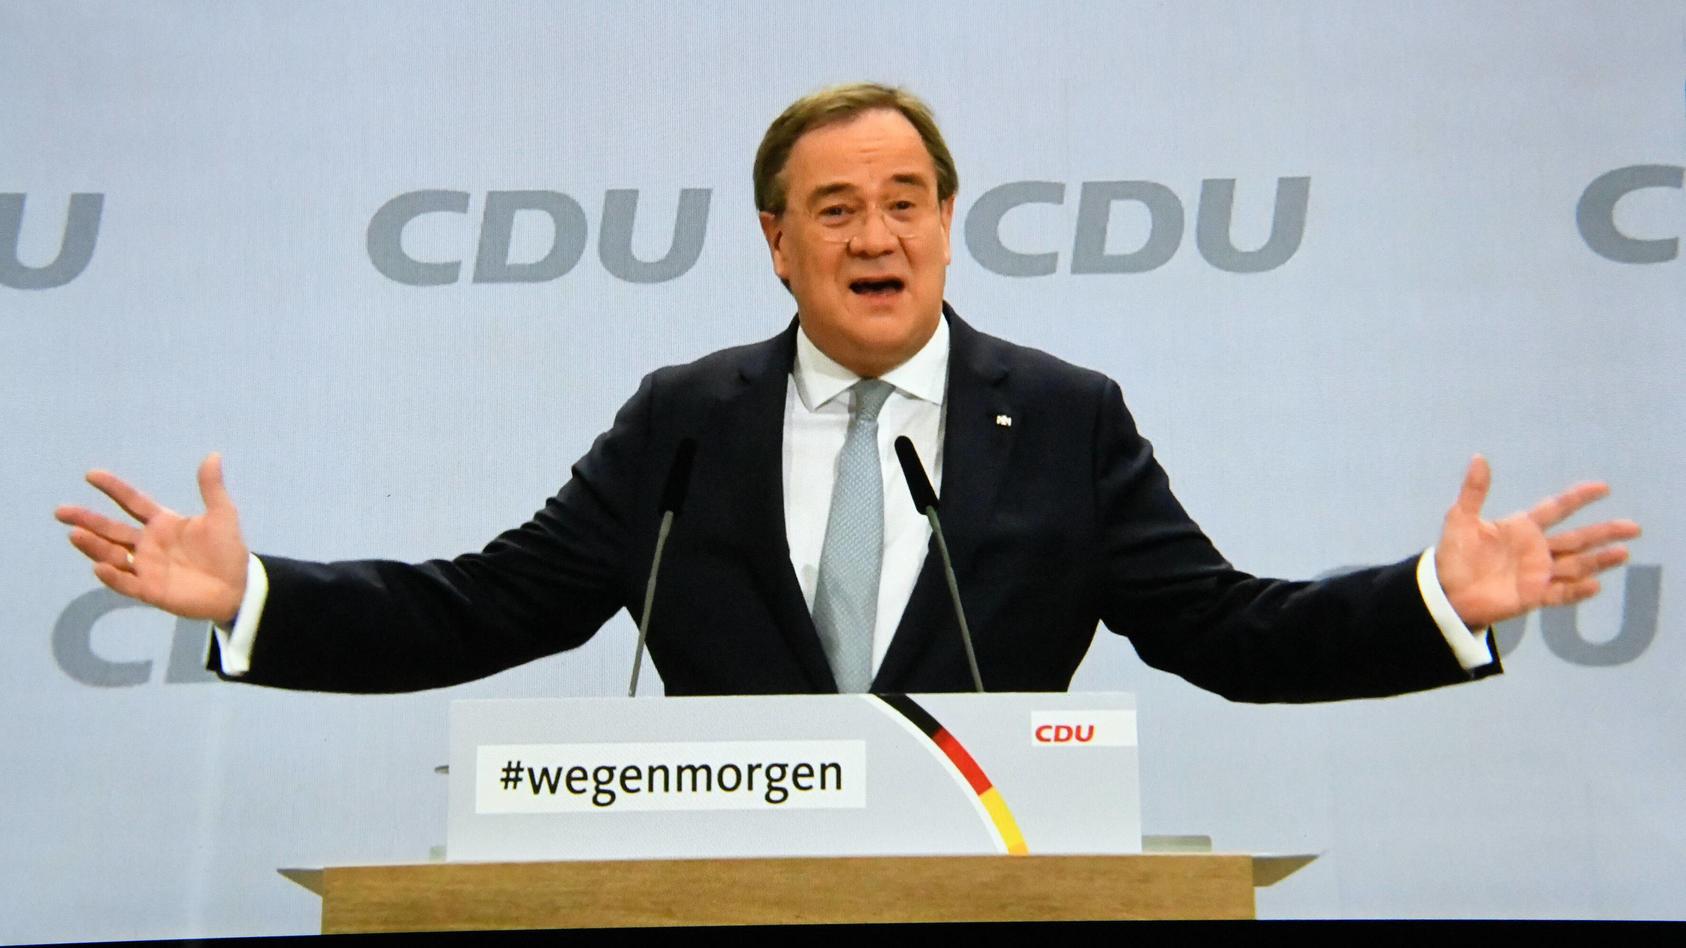 Mehr als die Hälfte der Wahlberechtigten begrüßen die Entscheidung zum CDU-Chef für Laschet.